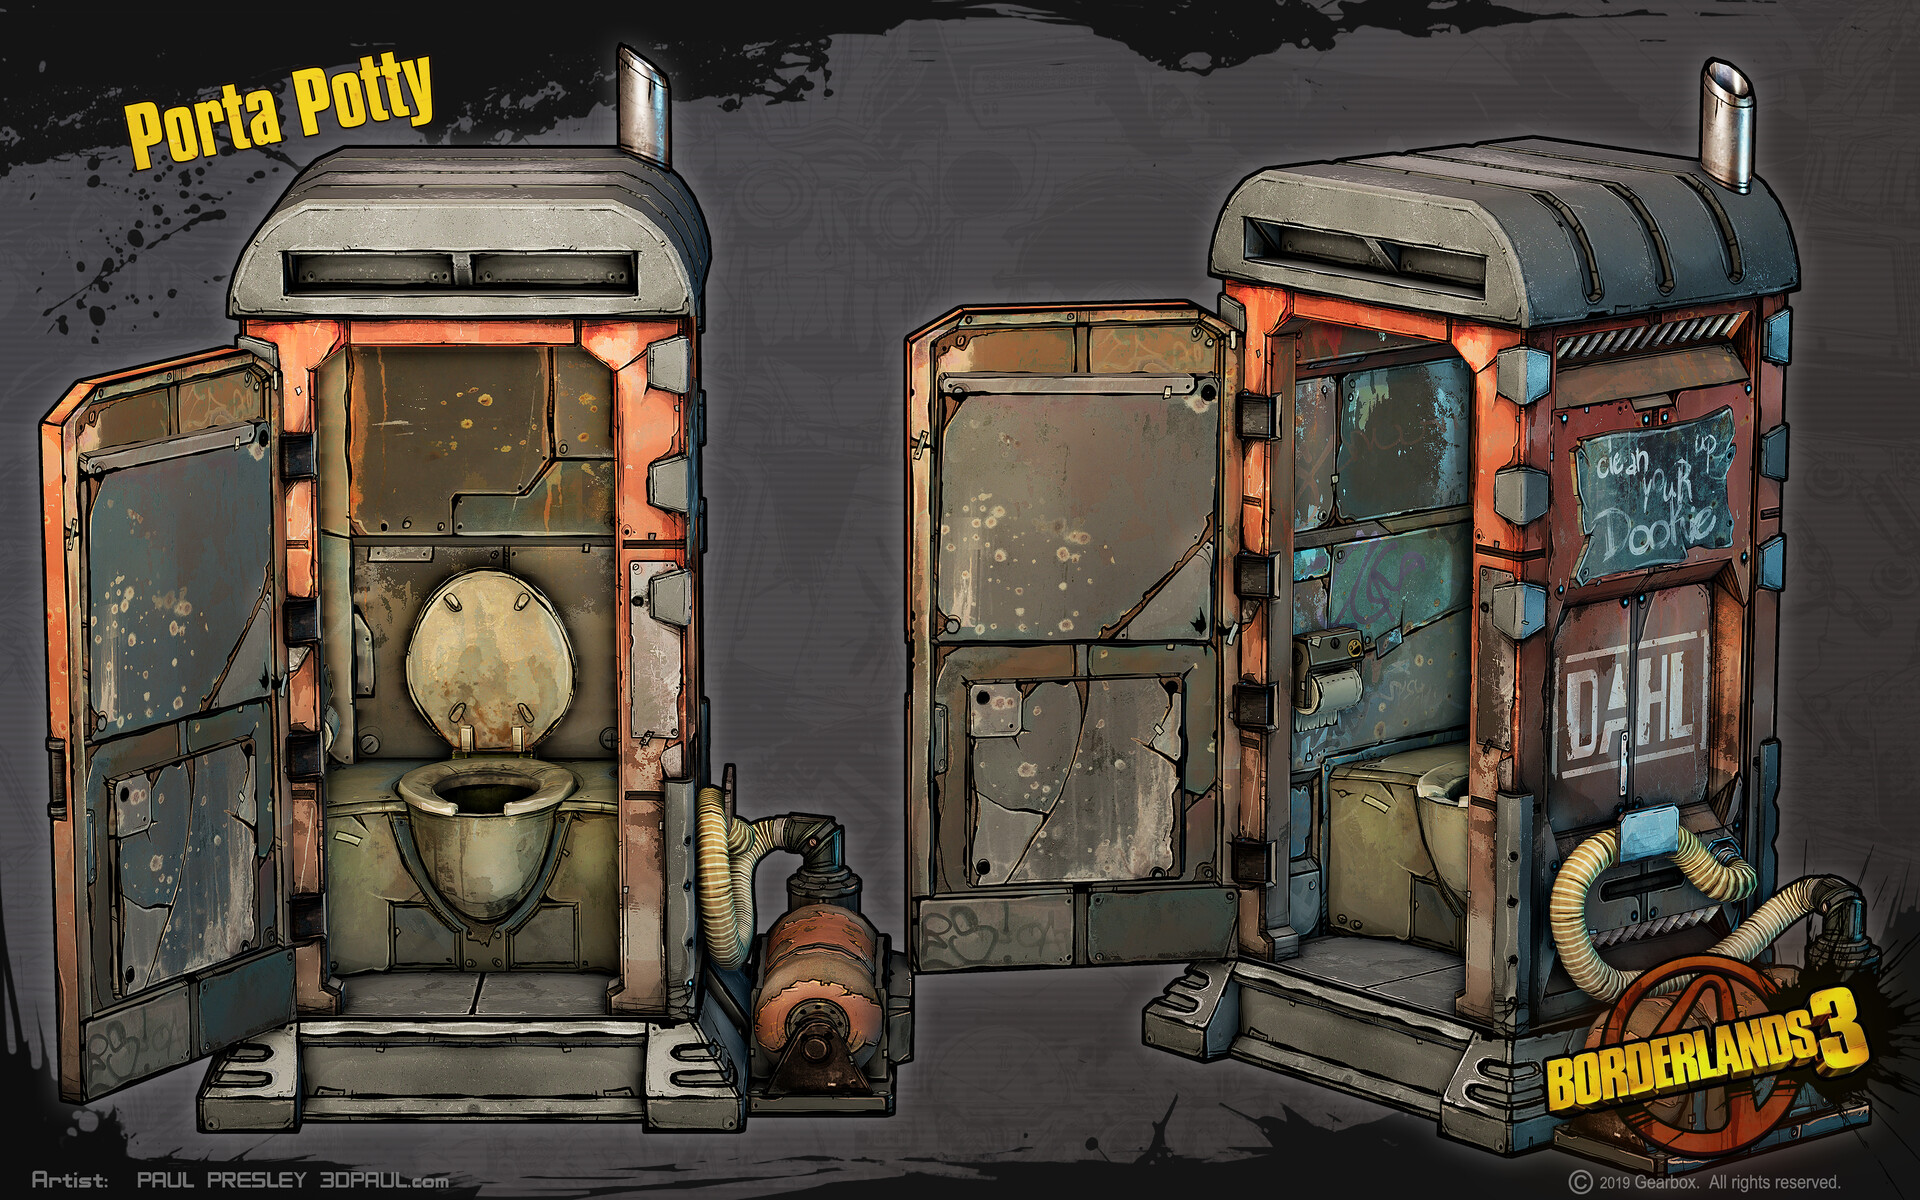 Paul presley paulp porta potty open